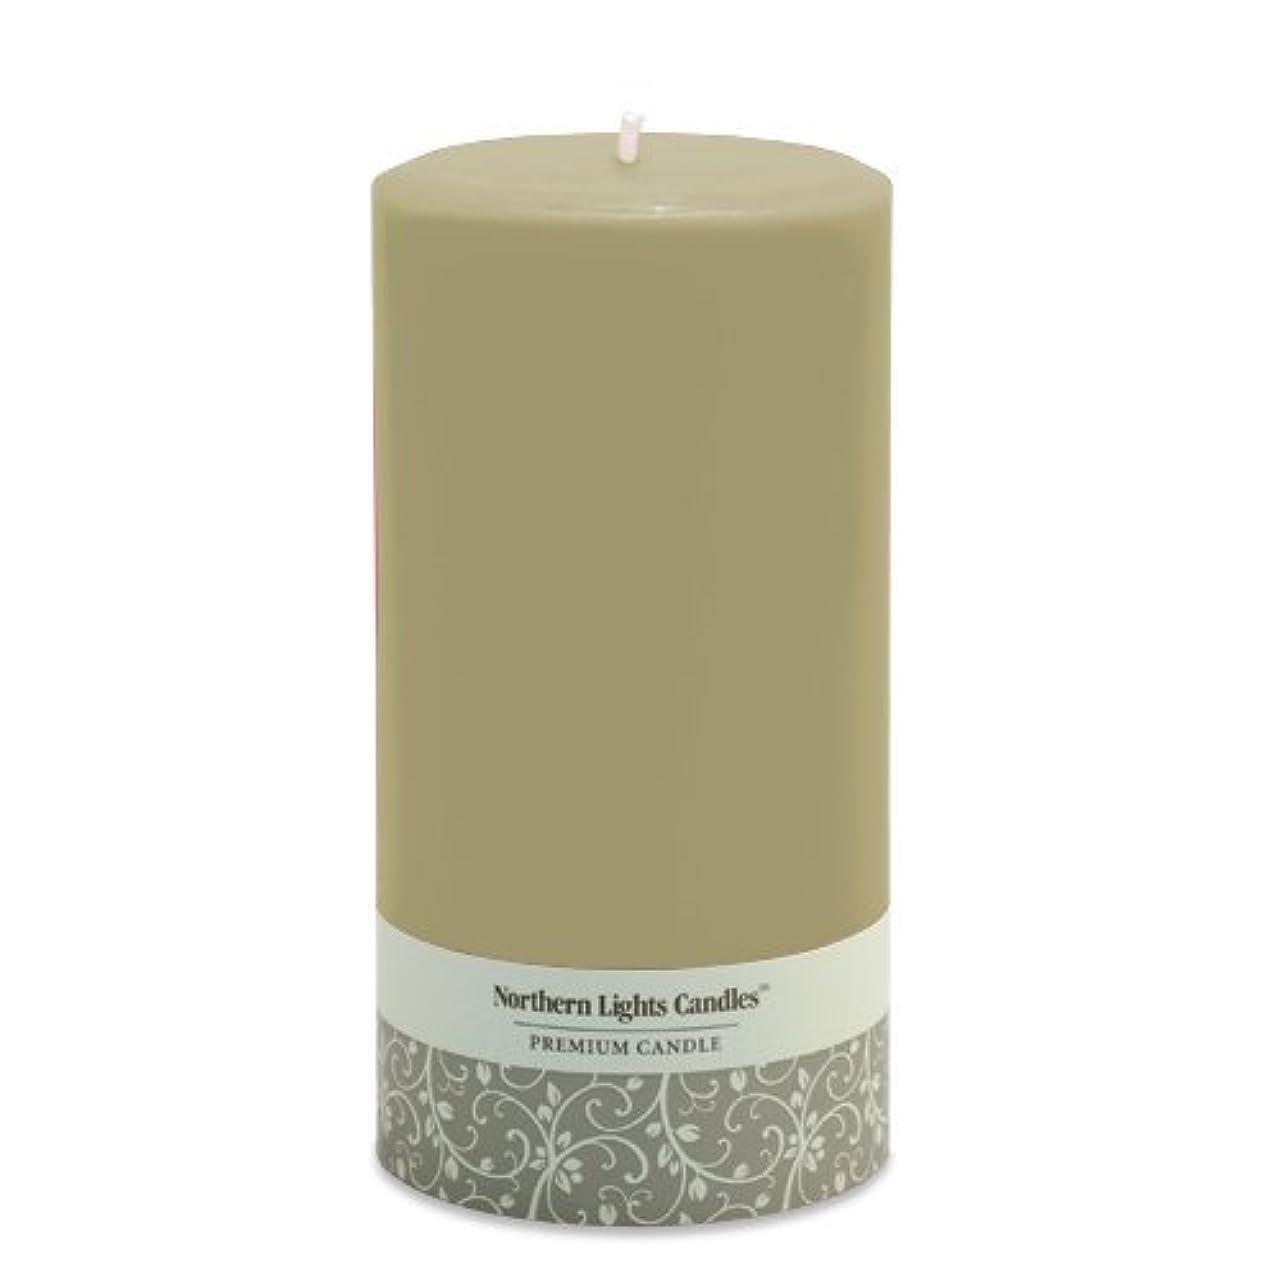 誇大妄想思慮のない交響曲Northern Lights Candles Fragrance Free Pillar Candle, 3 by 6-Inch, Sand [並行輸入品]